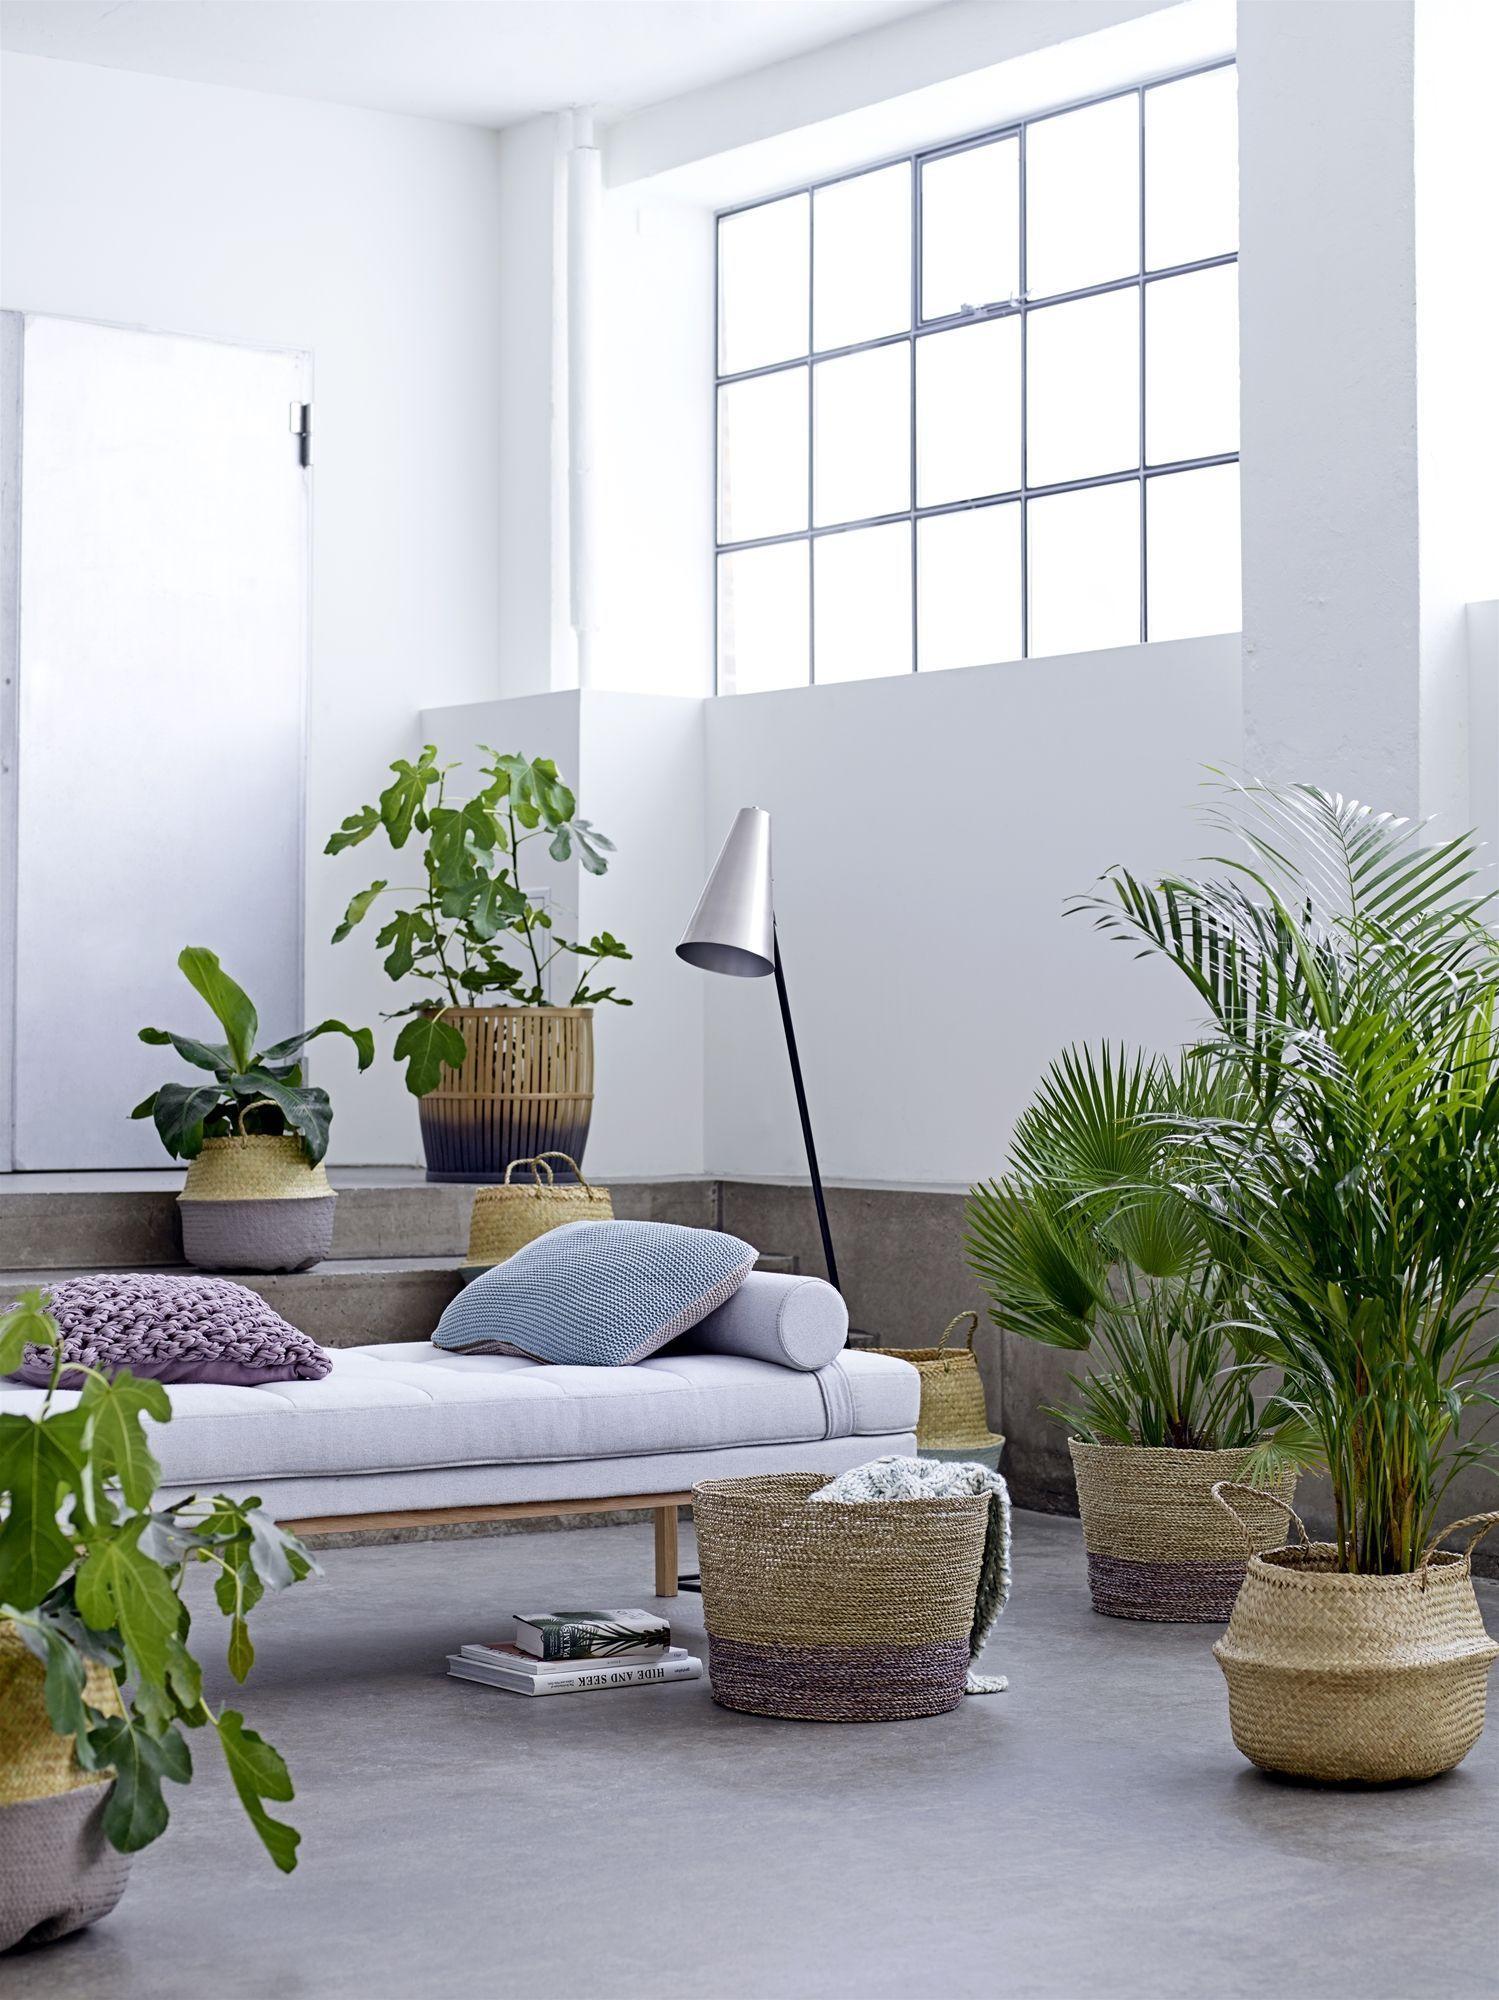 Garten Im Wohnzimmer: Schönes Verbindet   Plattform Für Lifestyle Und Trends